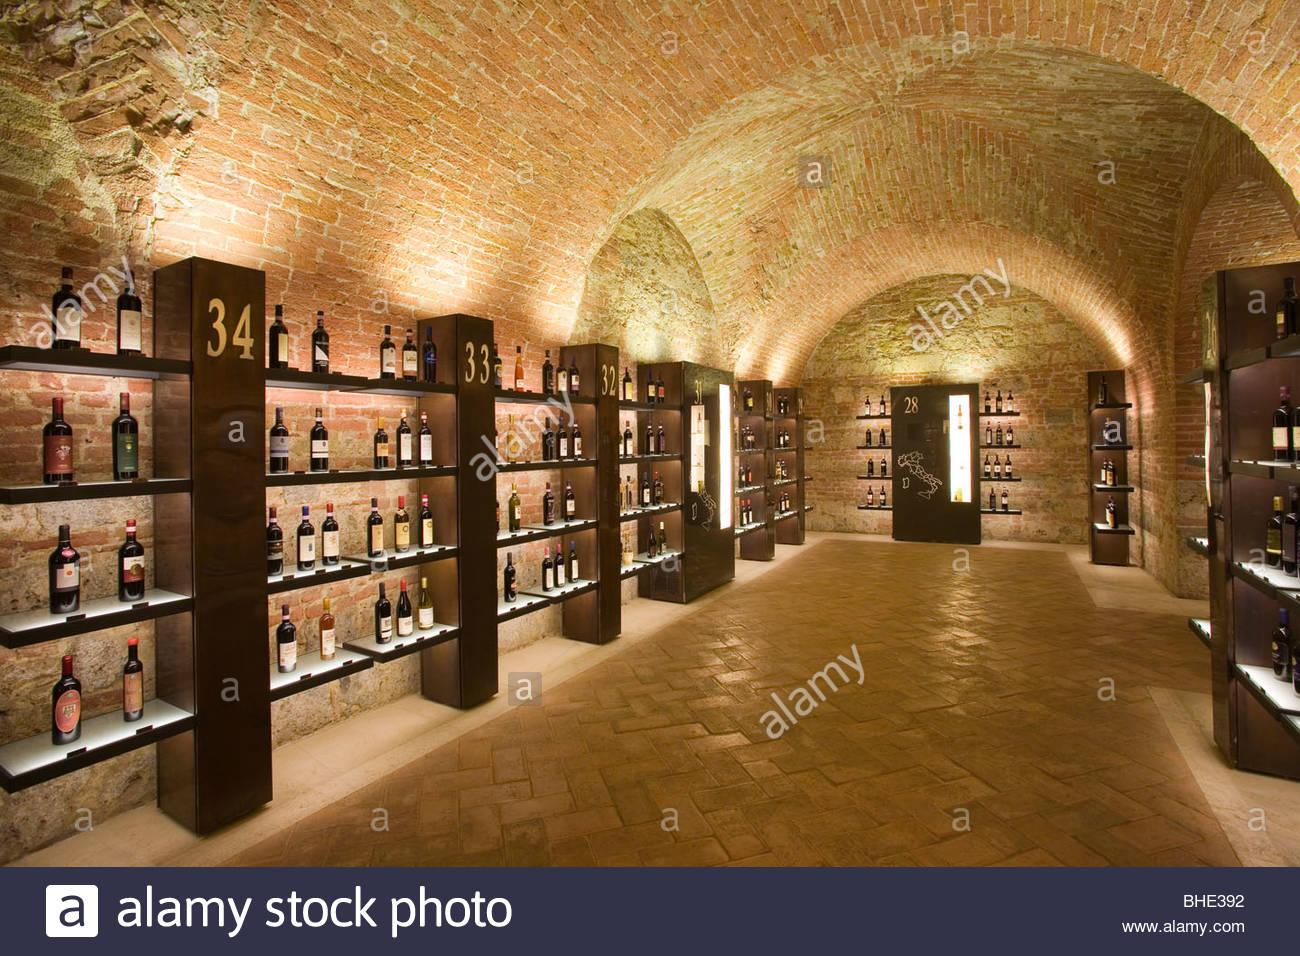 La enoteca italiana, Siena, Toscana, Italia Imagen De Stock